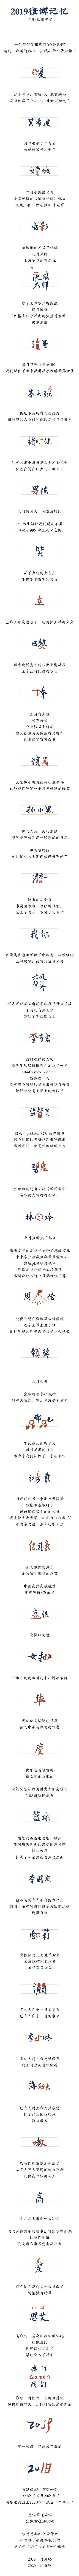 2019年度汉字 涨姿势 第1张